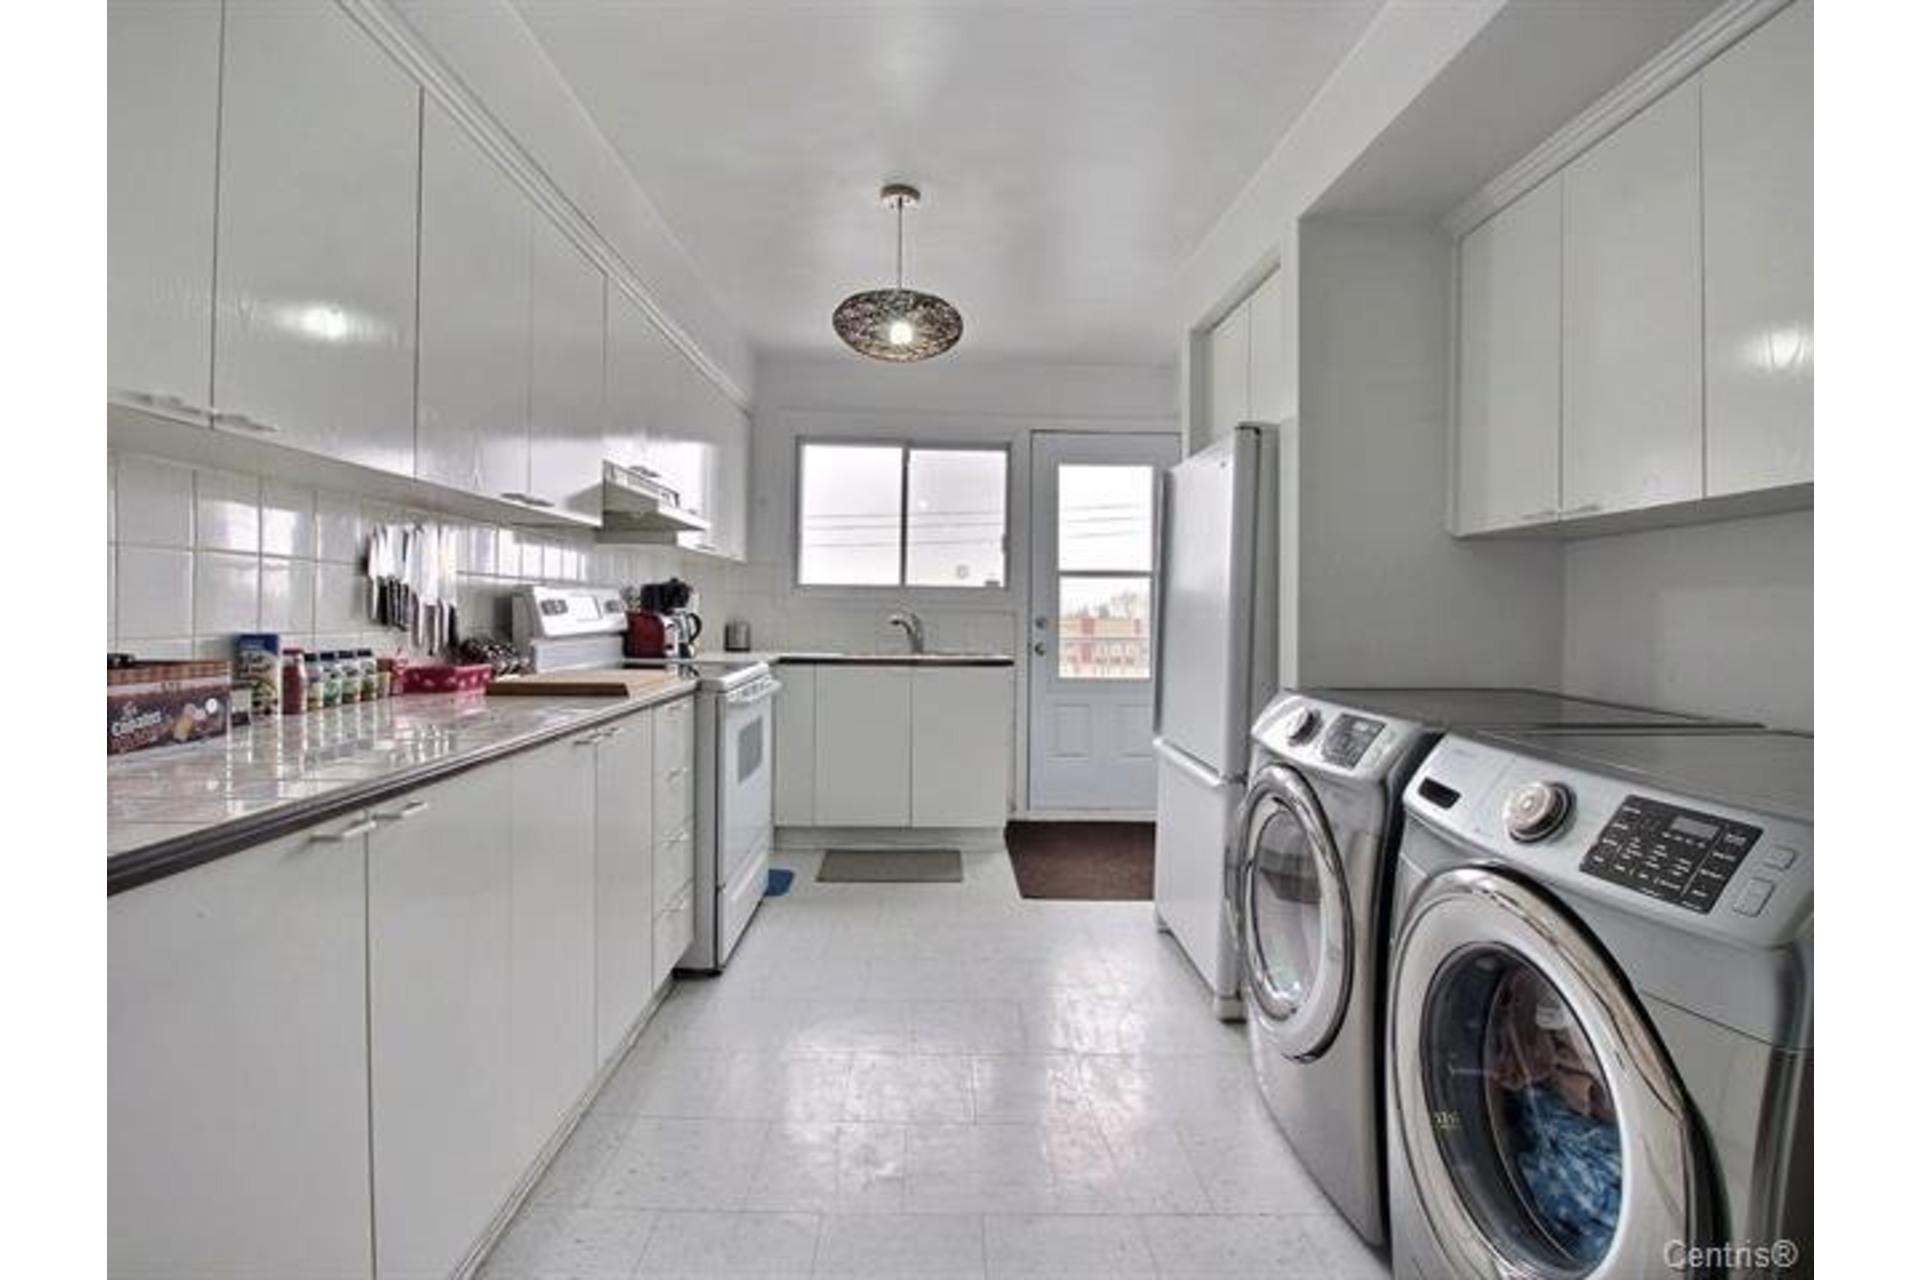 image 6 - Apartment For rent Montréal Mercier/Hochelaga-Maisonneuve  - 7 rooms